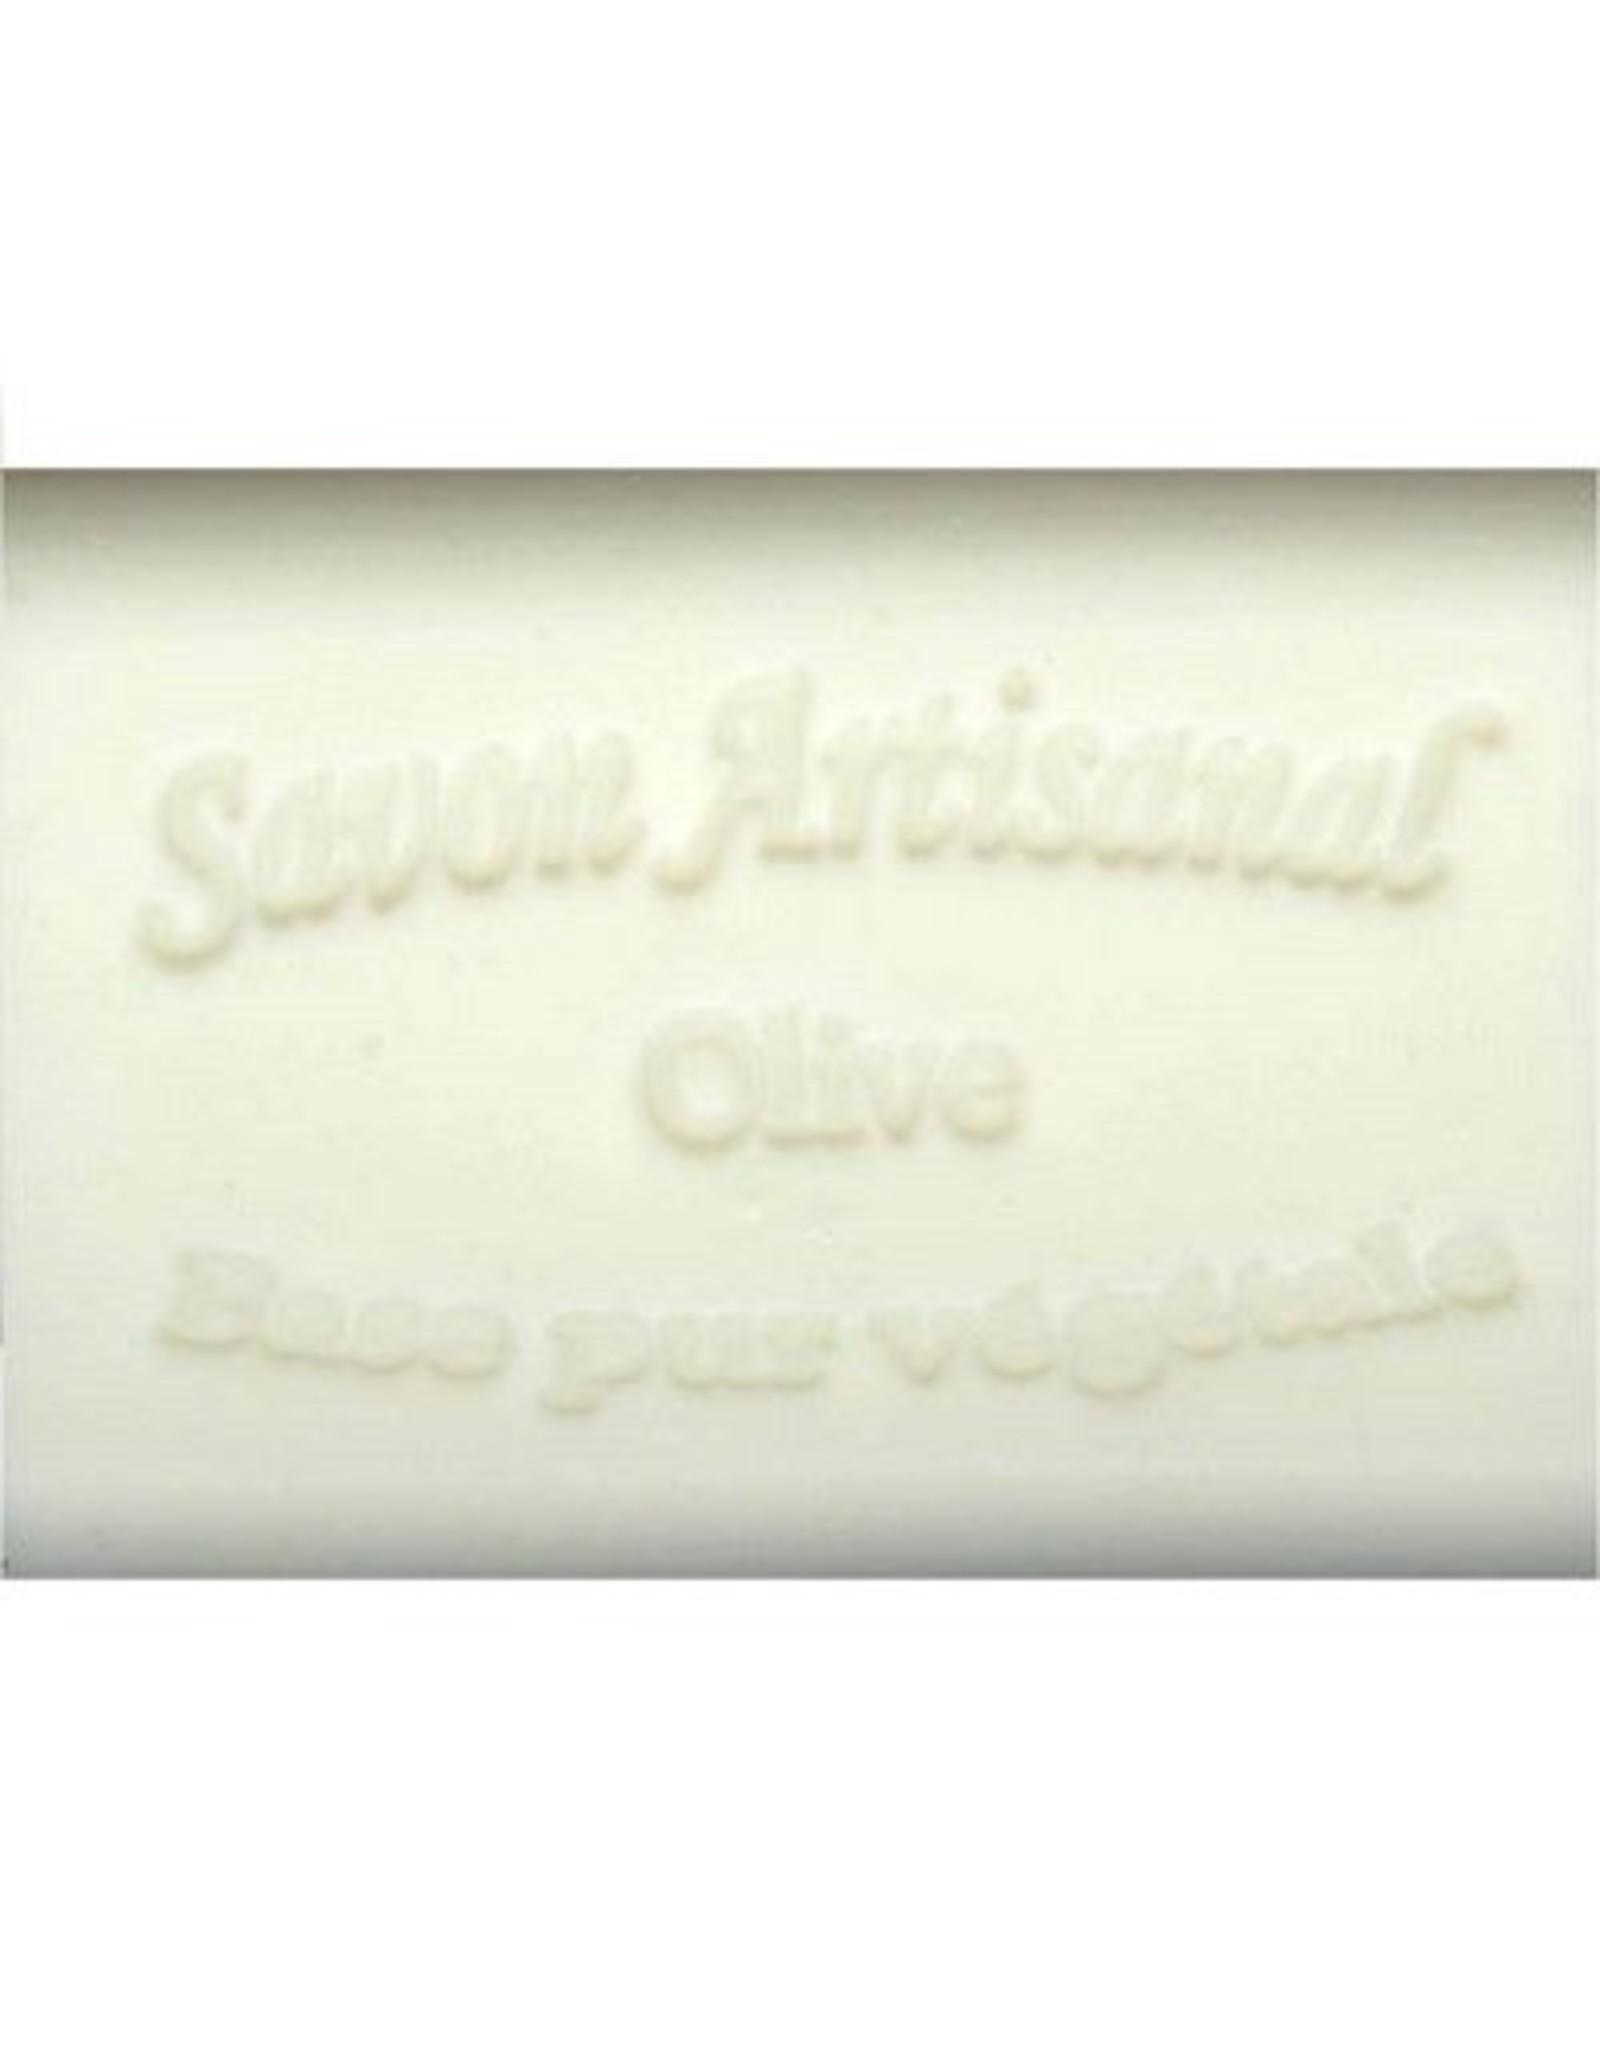 Ambachtelijke zeep 'Olive' (zonder kleurstof/parfum) - Body & Soap